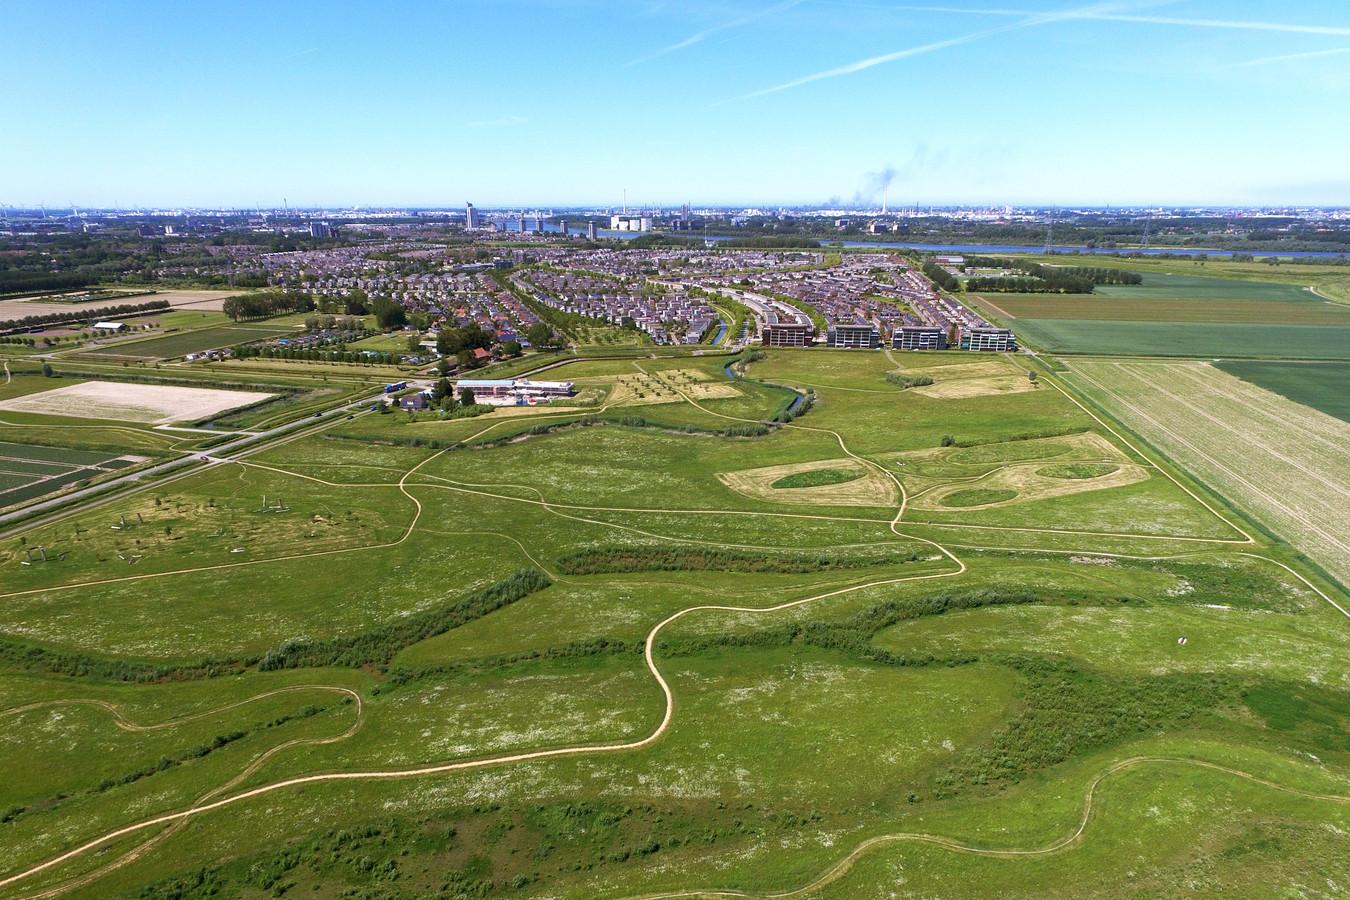 Dit hele gebied moet misschien wel vol met woningen komen. De Spijkenisser Maaswijk zou dan lopen tot aan het Spui, bijna tegen Oud-Beijerland aan.